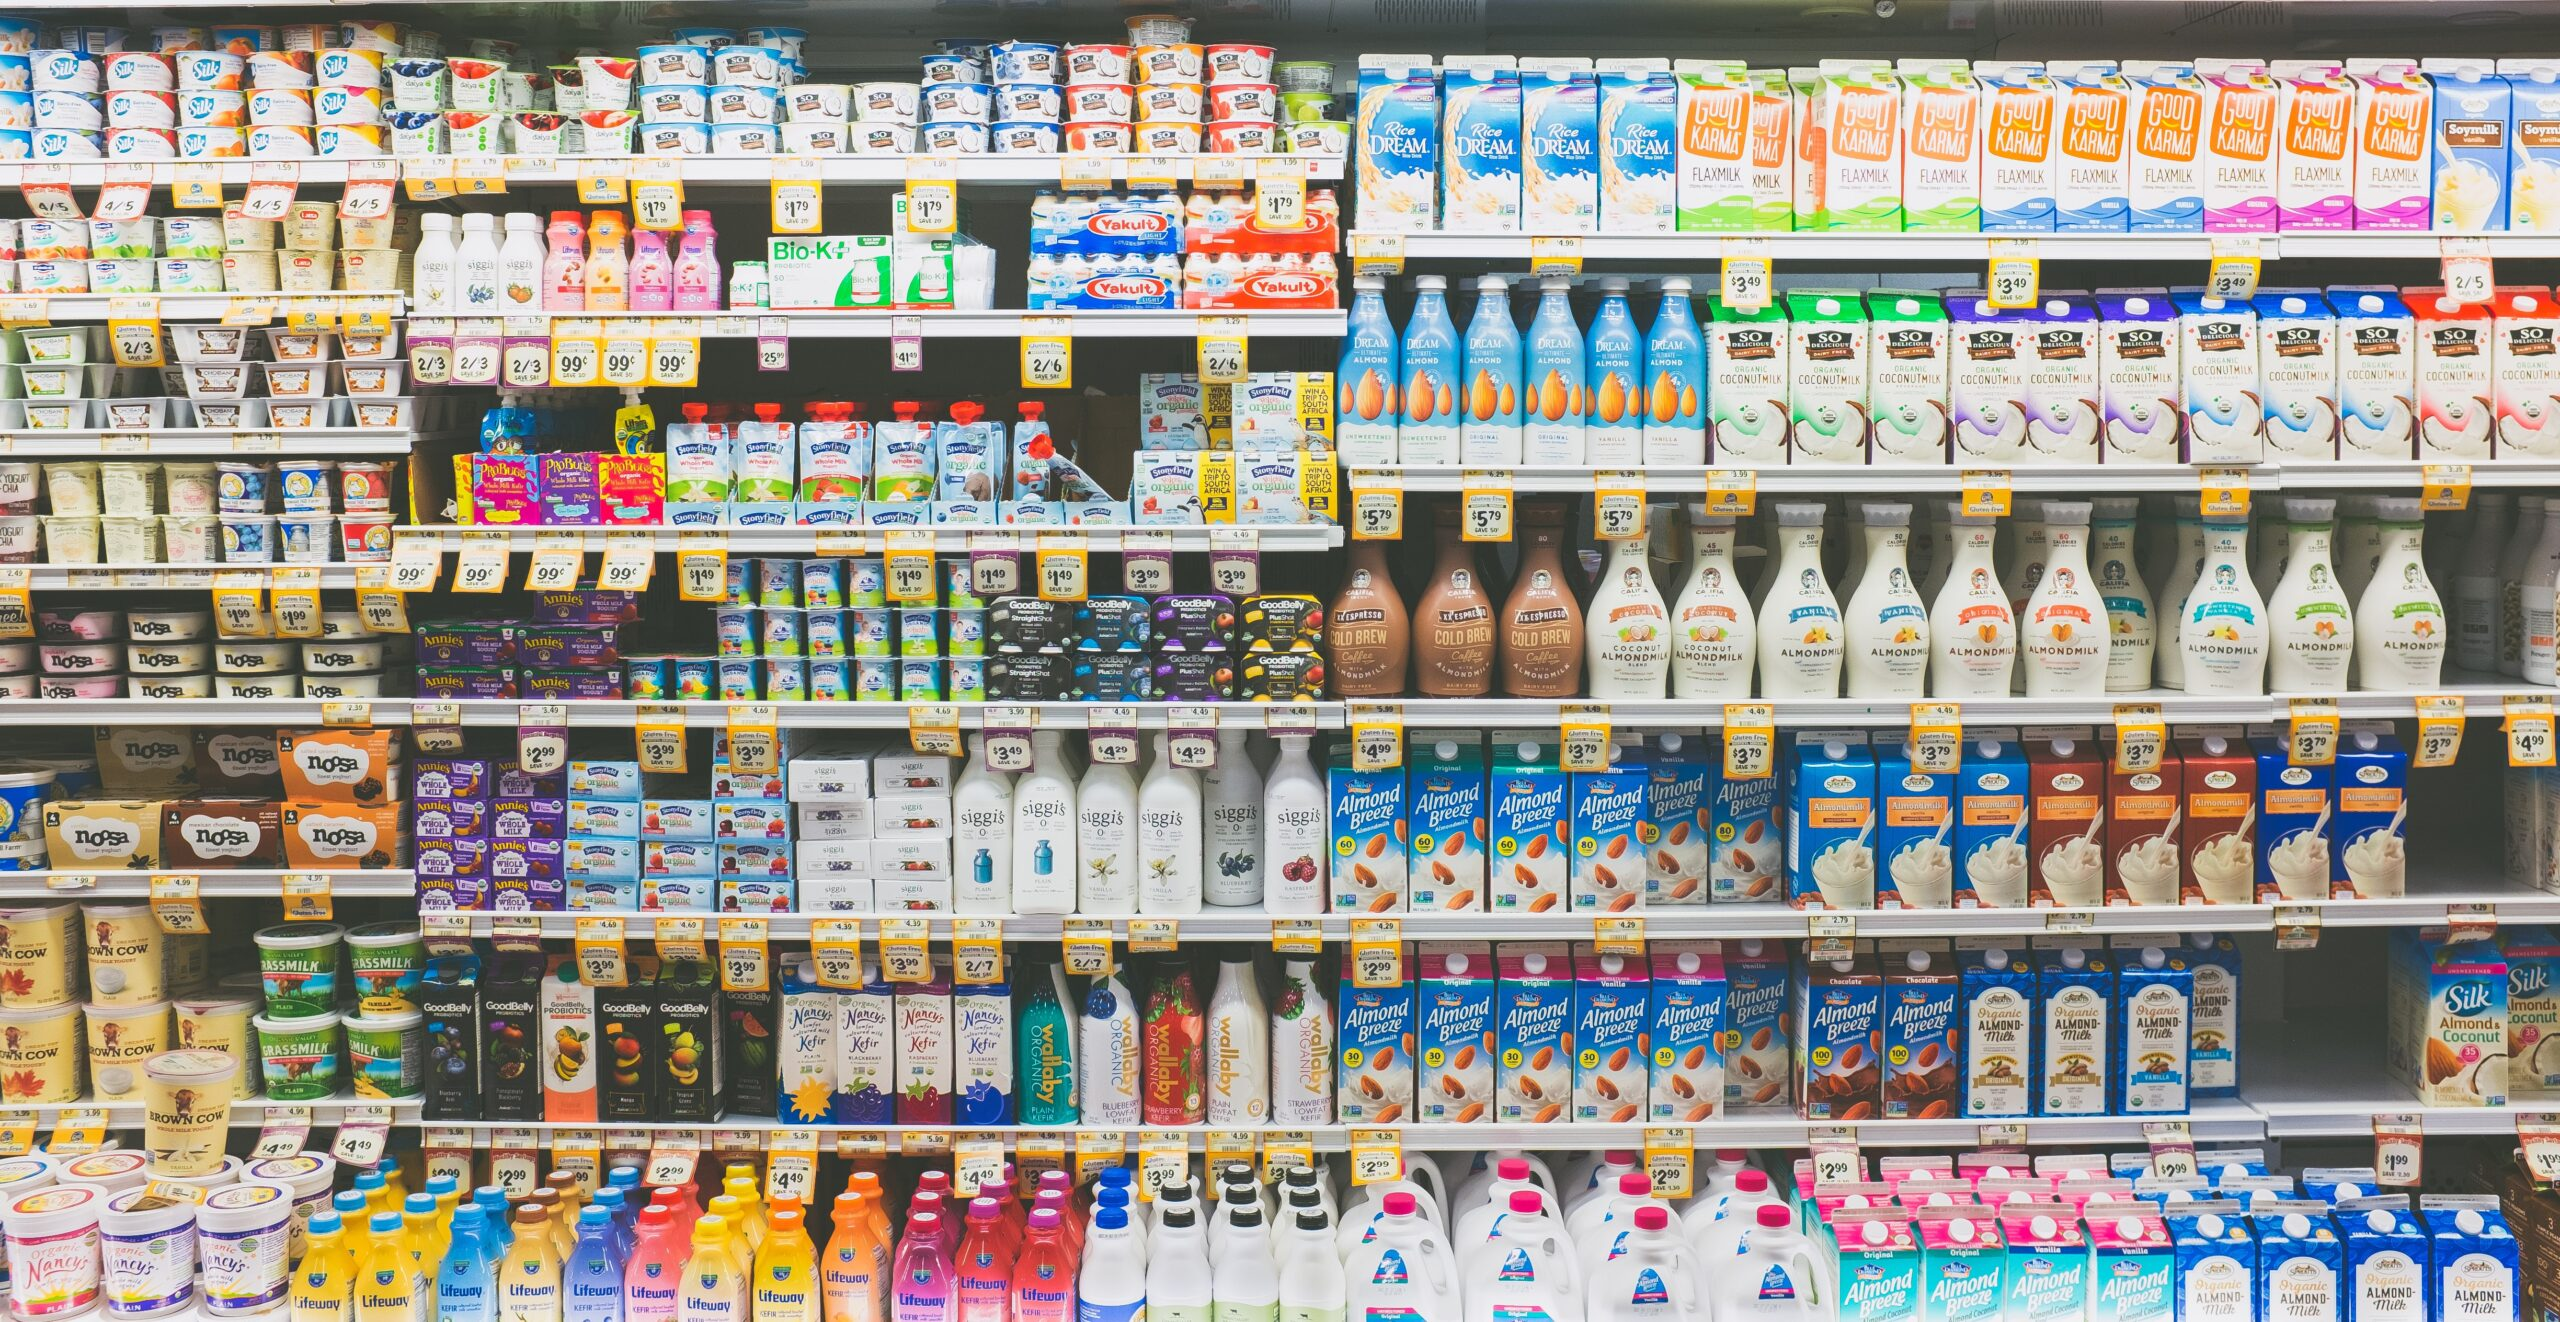 עיצוב ותכנון מינימרקט - מחלקת חלב